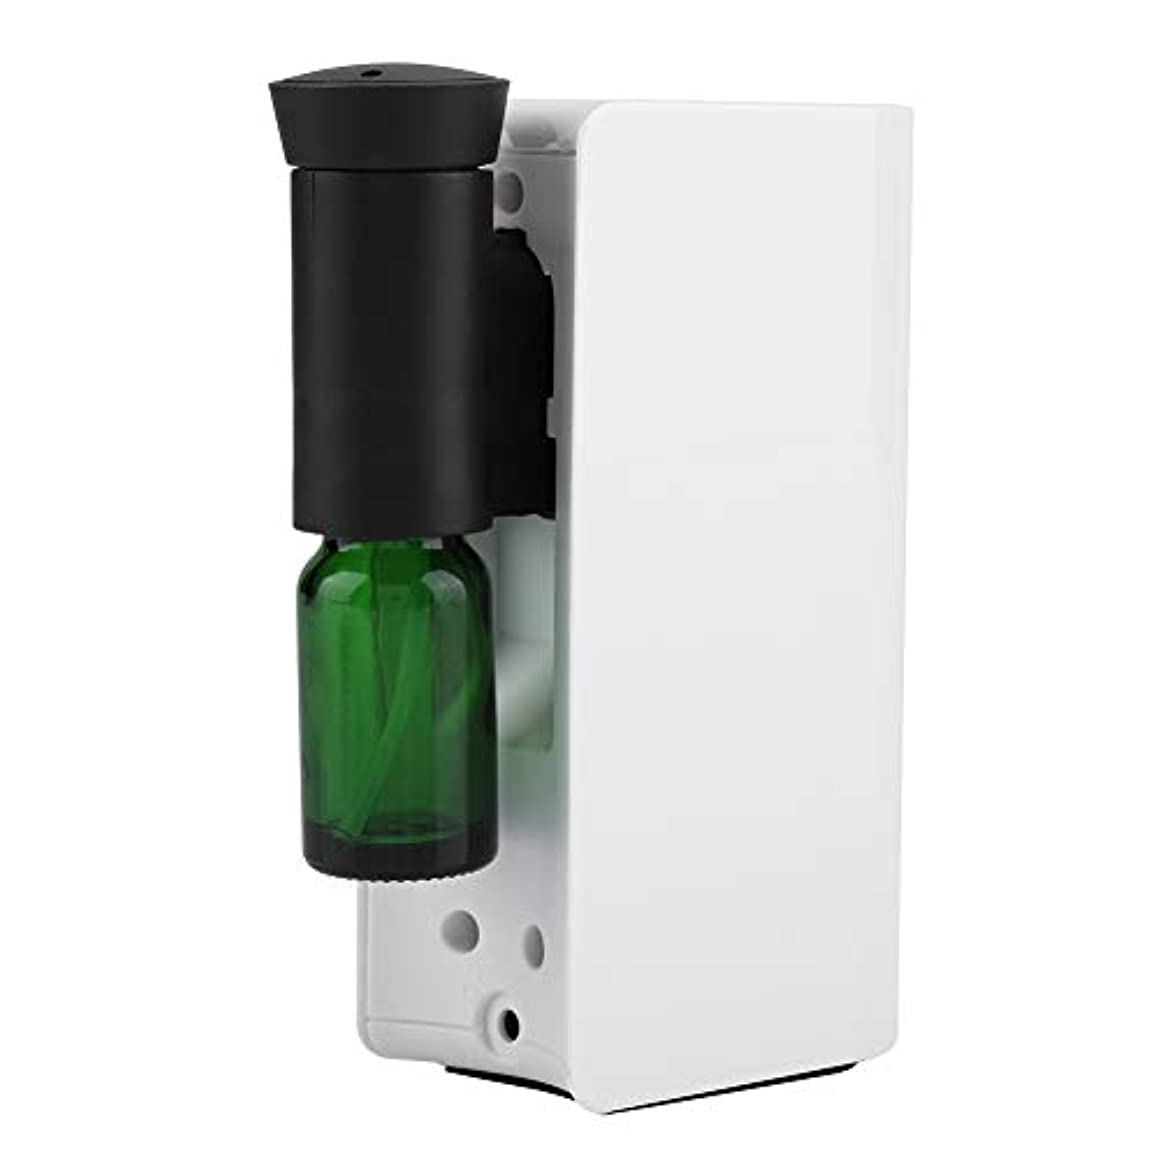 余計な調停者原始的なエッセンシャルオイルディフューザー、100ml USB充電式クールミスト加湿器アロマオイル加湿器気化器アロマディフューザー(白)